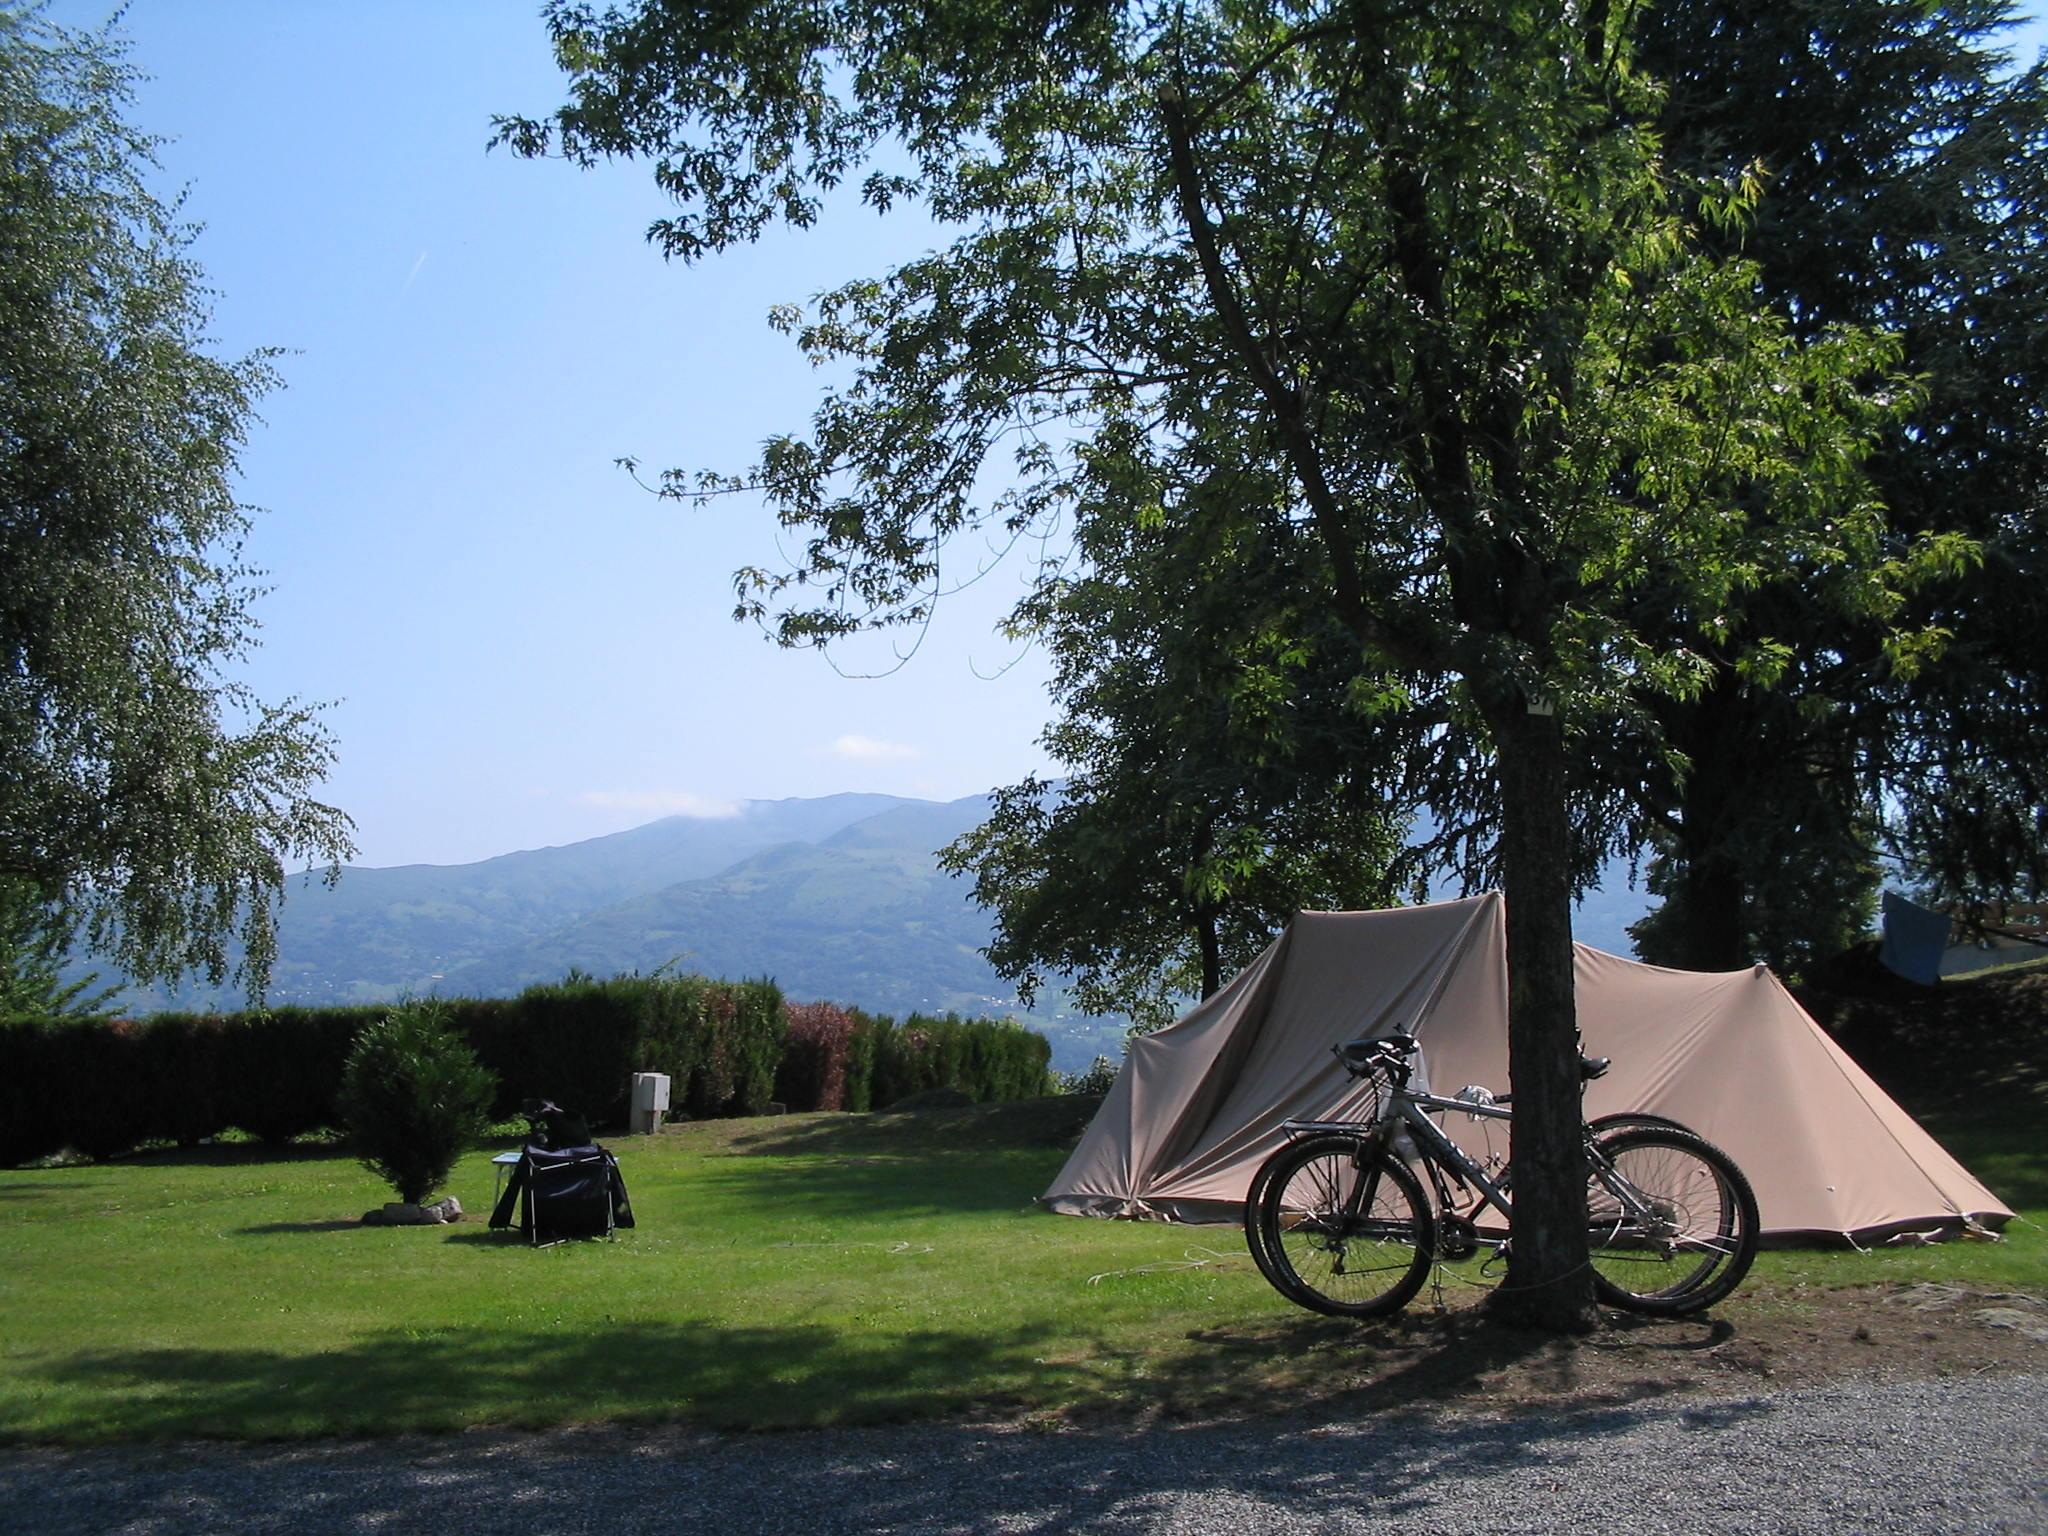 Emplacement calme C&ing du Lac & Camping du lac Argelès-Gazost | Touring pitches